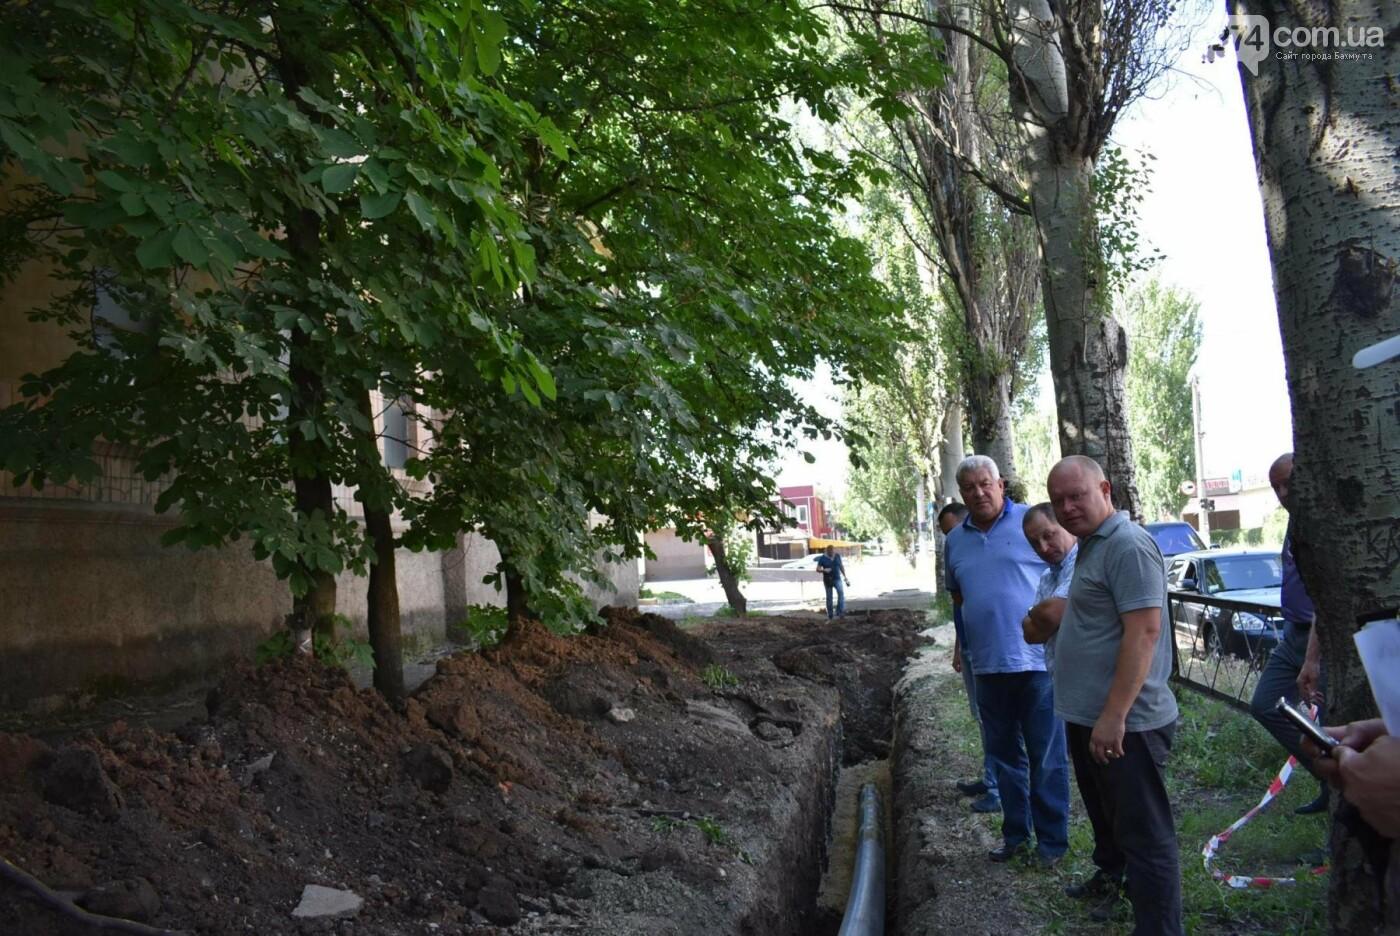 В Бахмуте продолжается реконструкция объектов инфраструктуры, фото-5